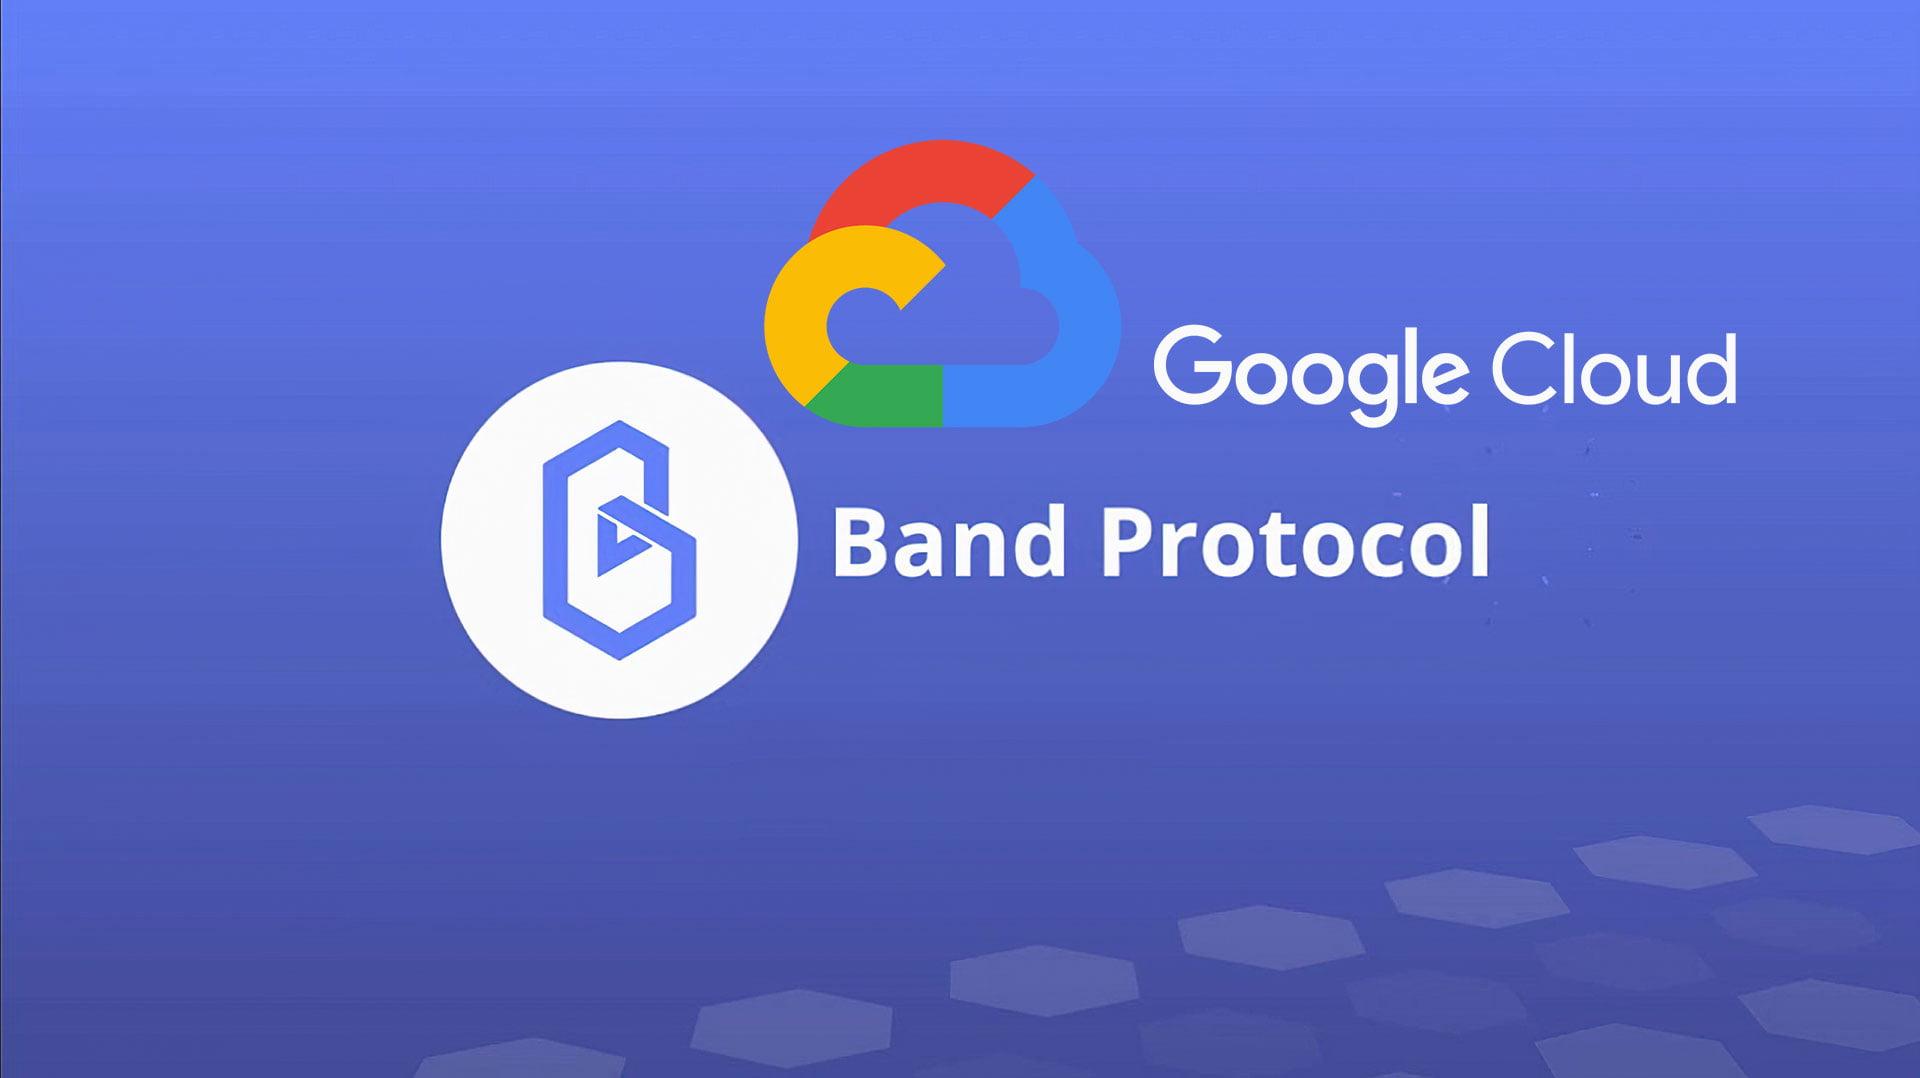 Google Cloud сможет анализировать курс криптовалют в реальном времени